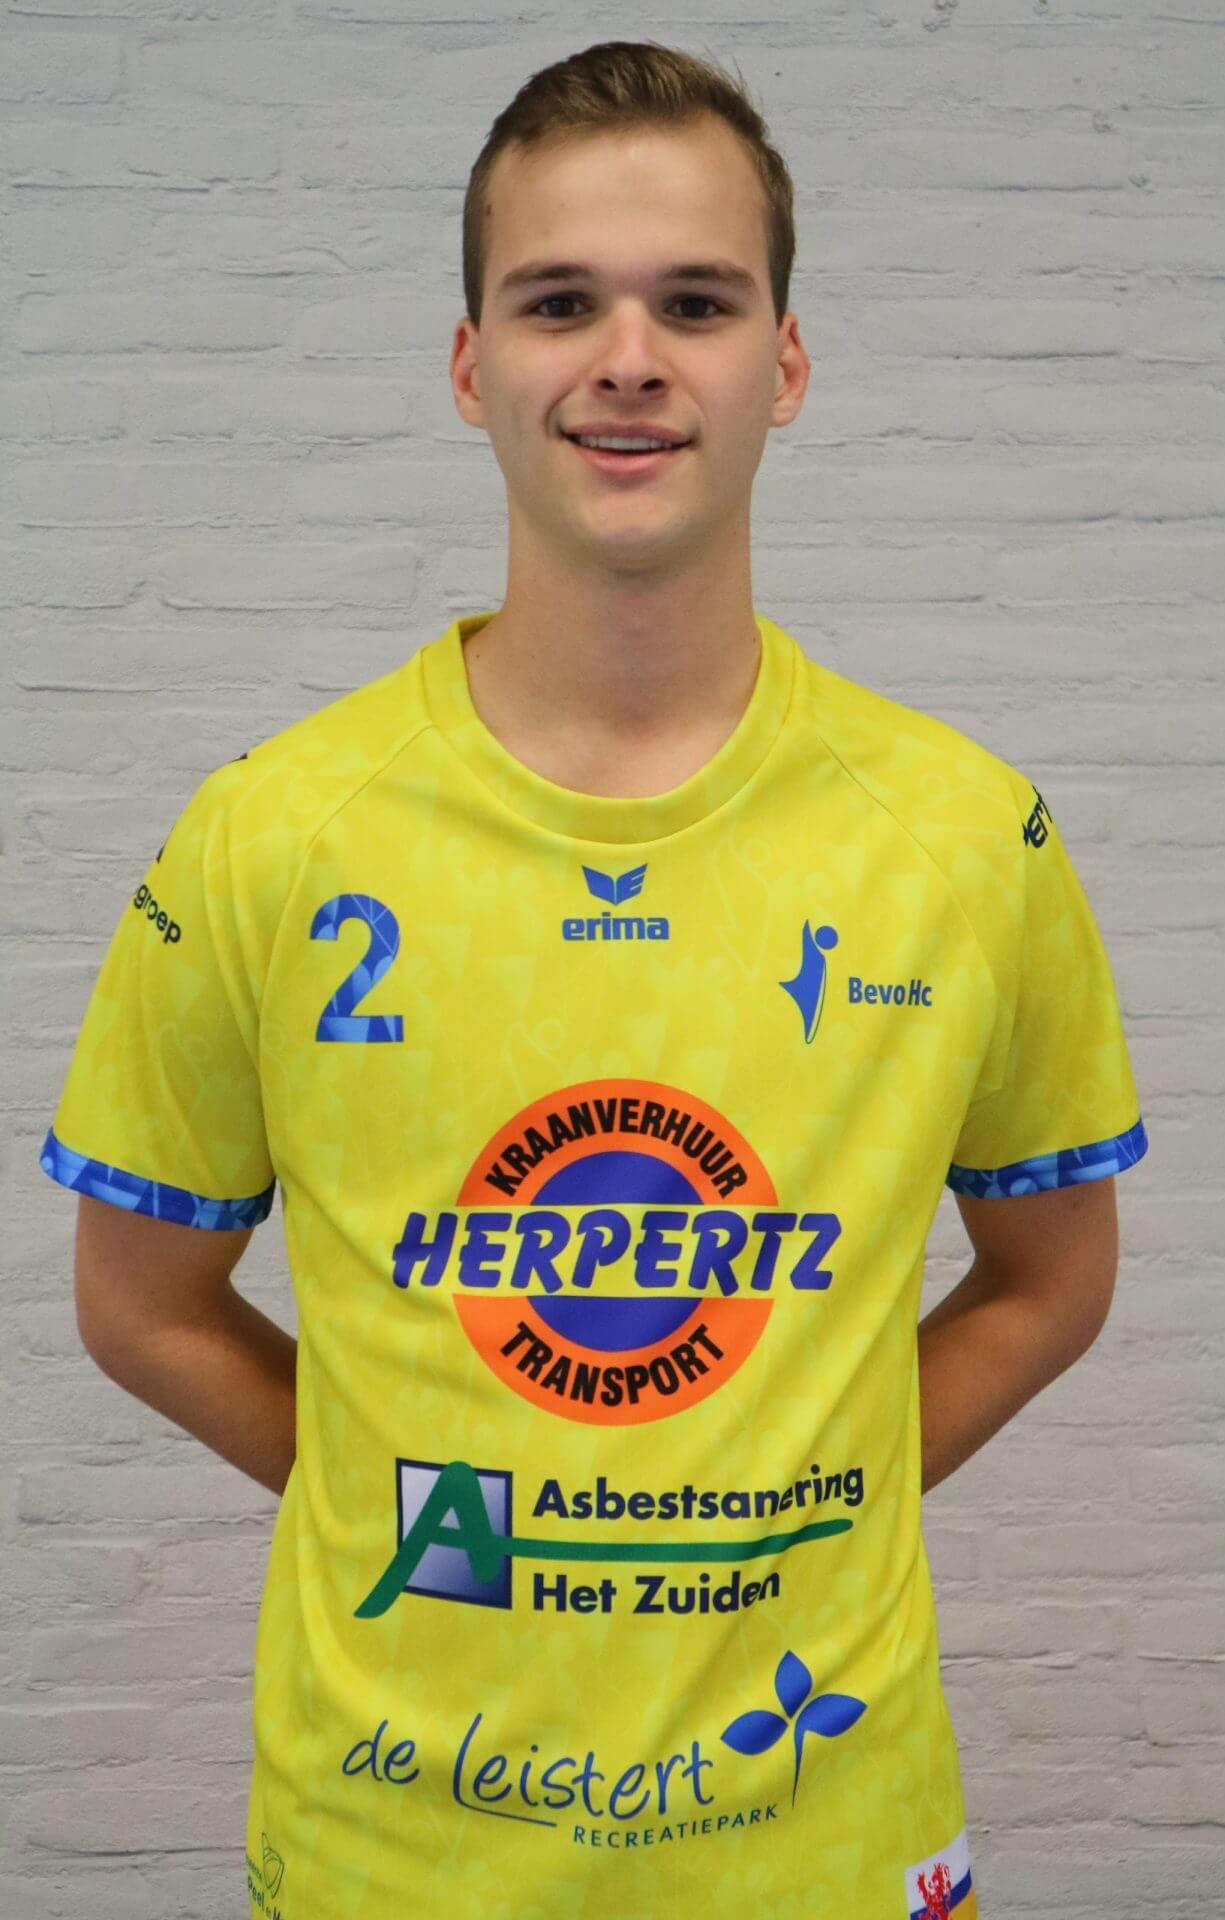 Tim van Woensel